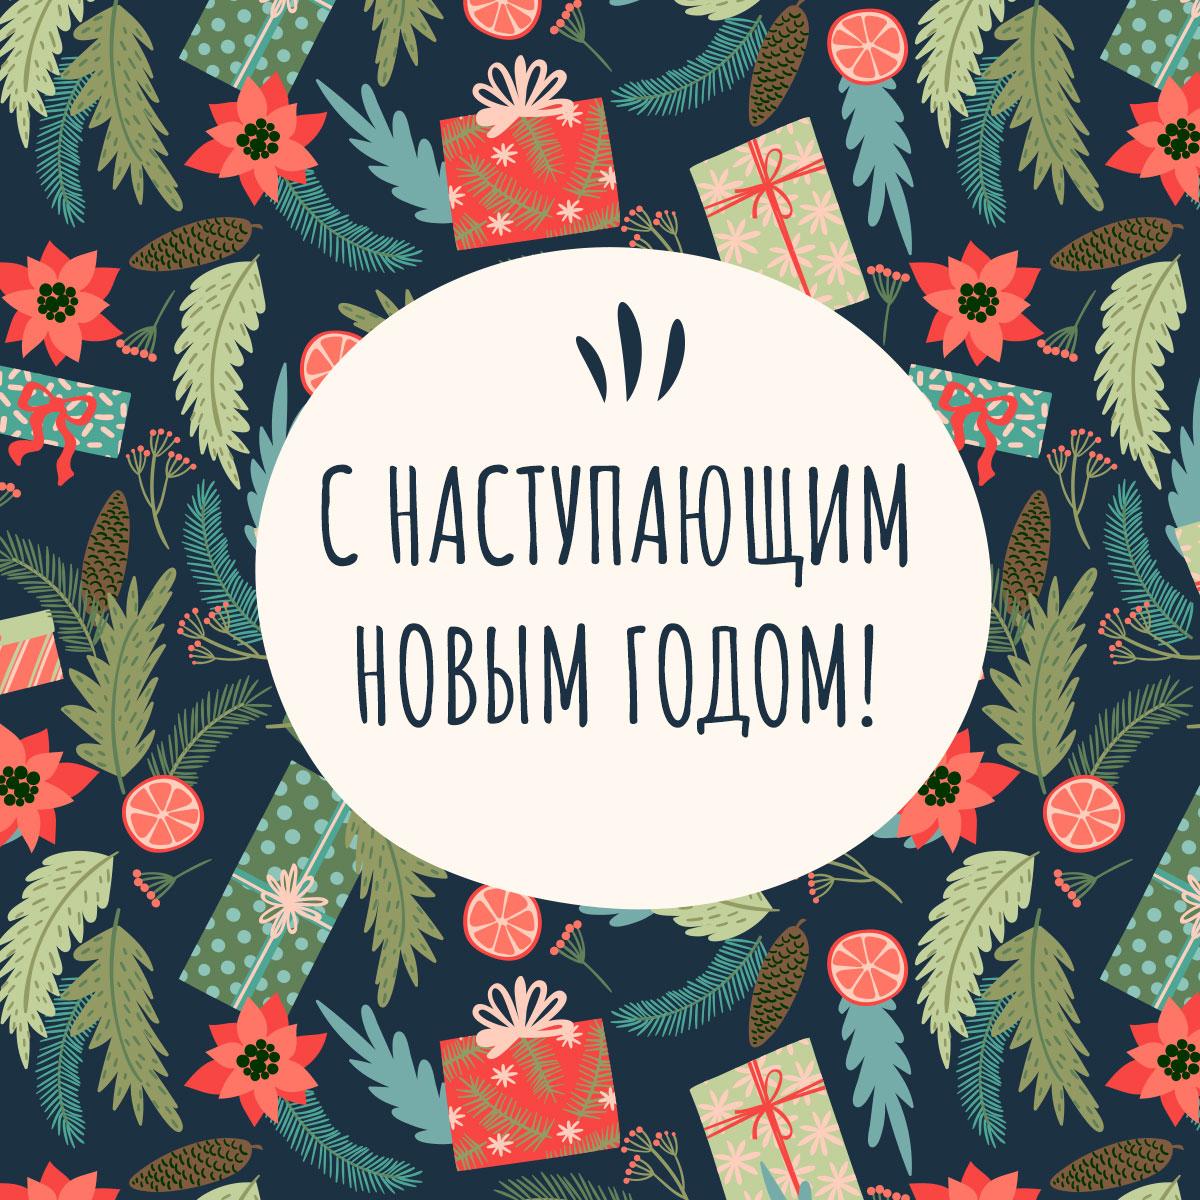 Картинка с новым годом с листьями растений и текстом.